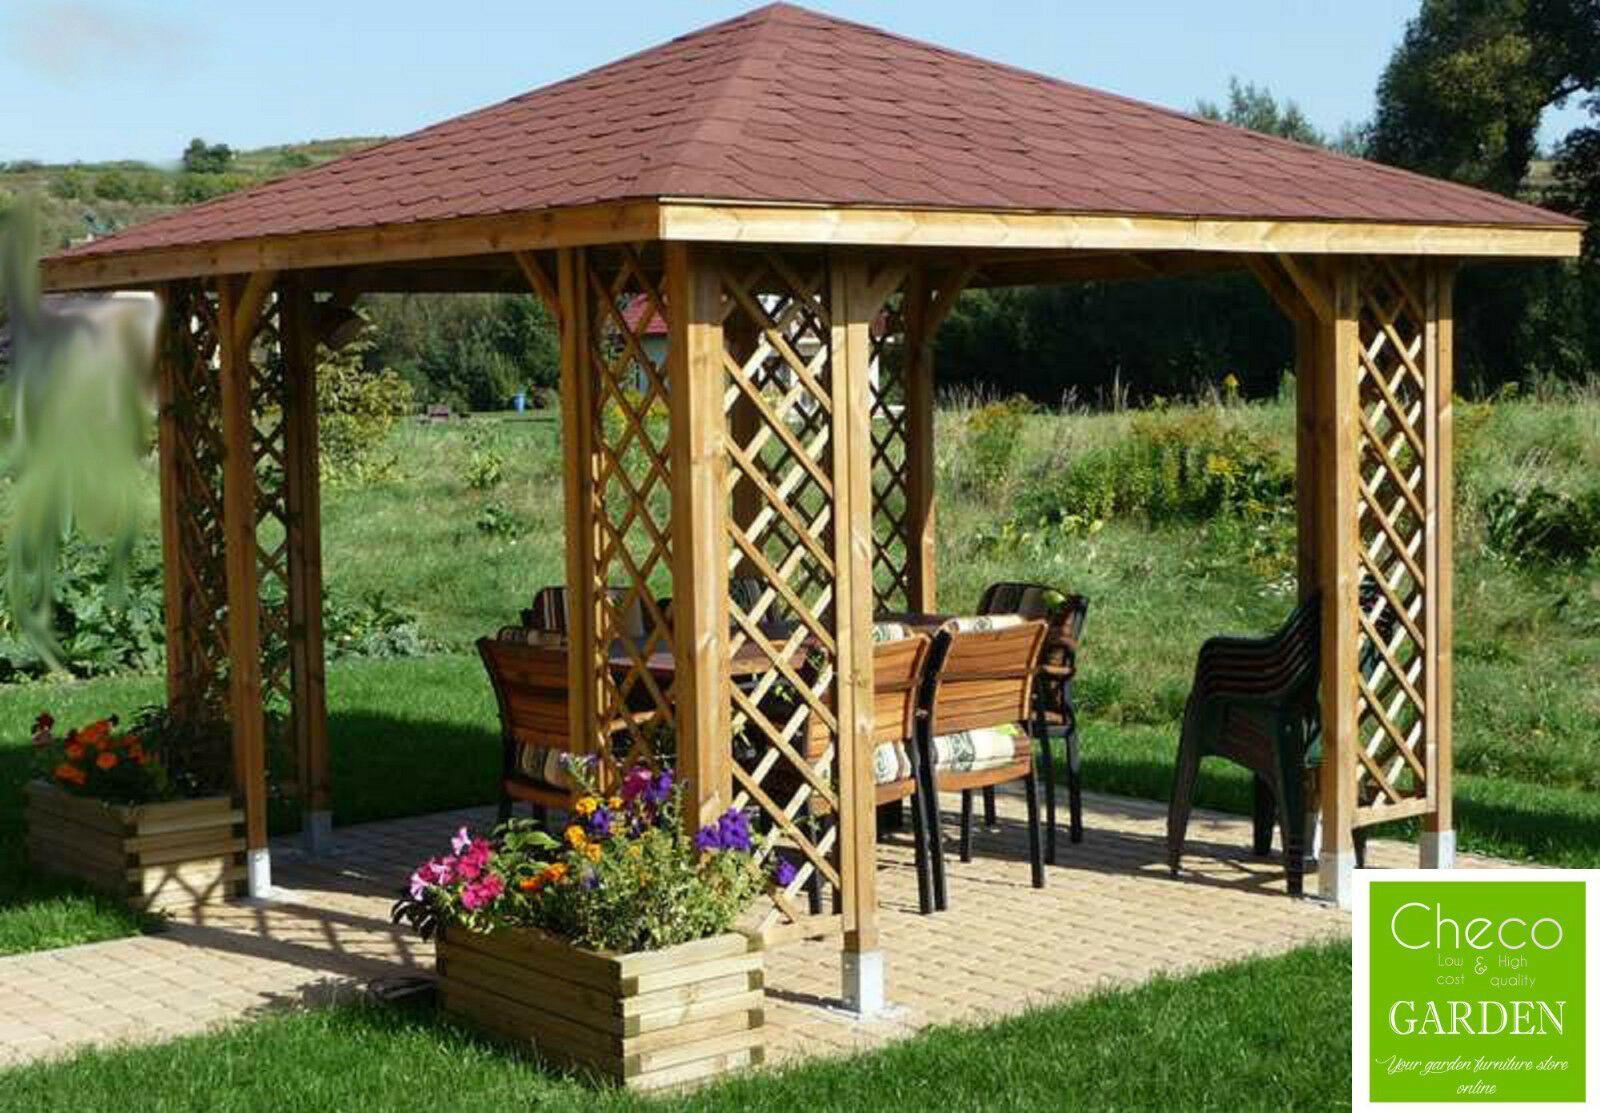 Hot Tub Gazebo Wooden 3m X 3m External 12ft X 12ft Garden